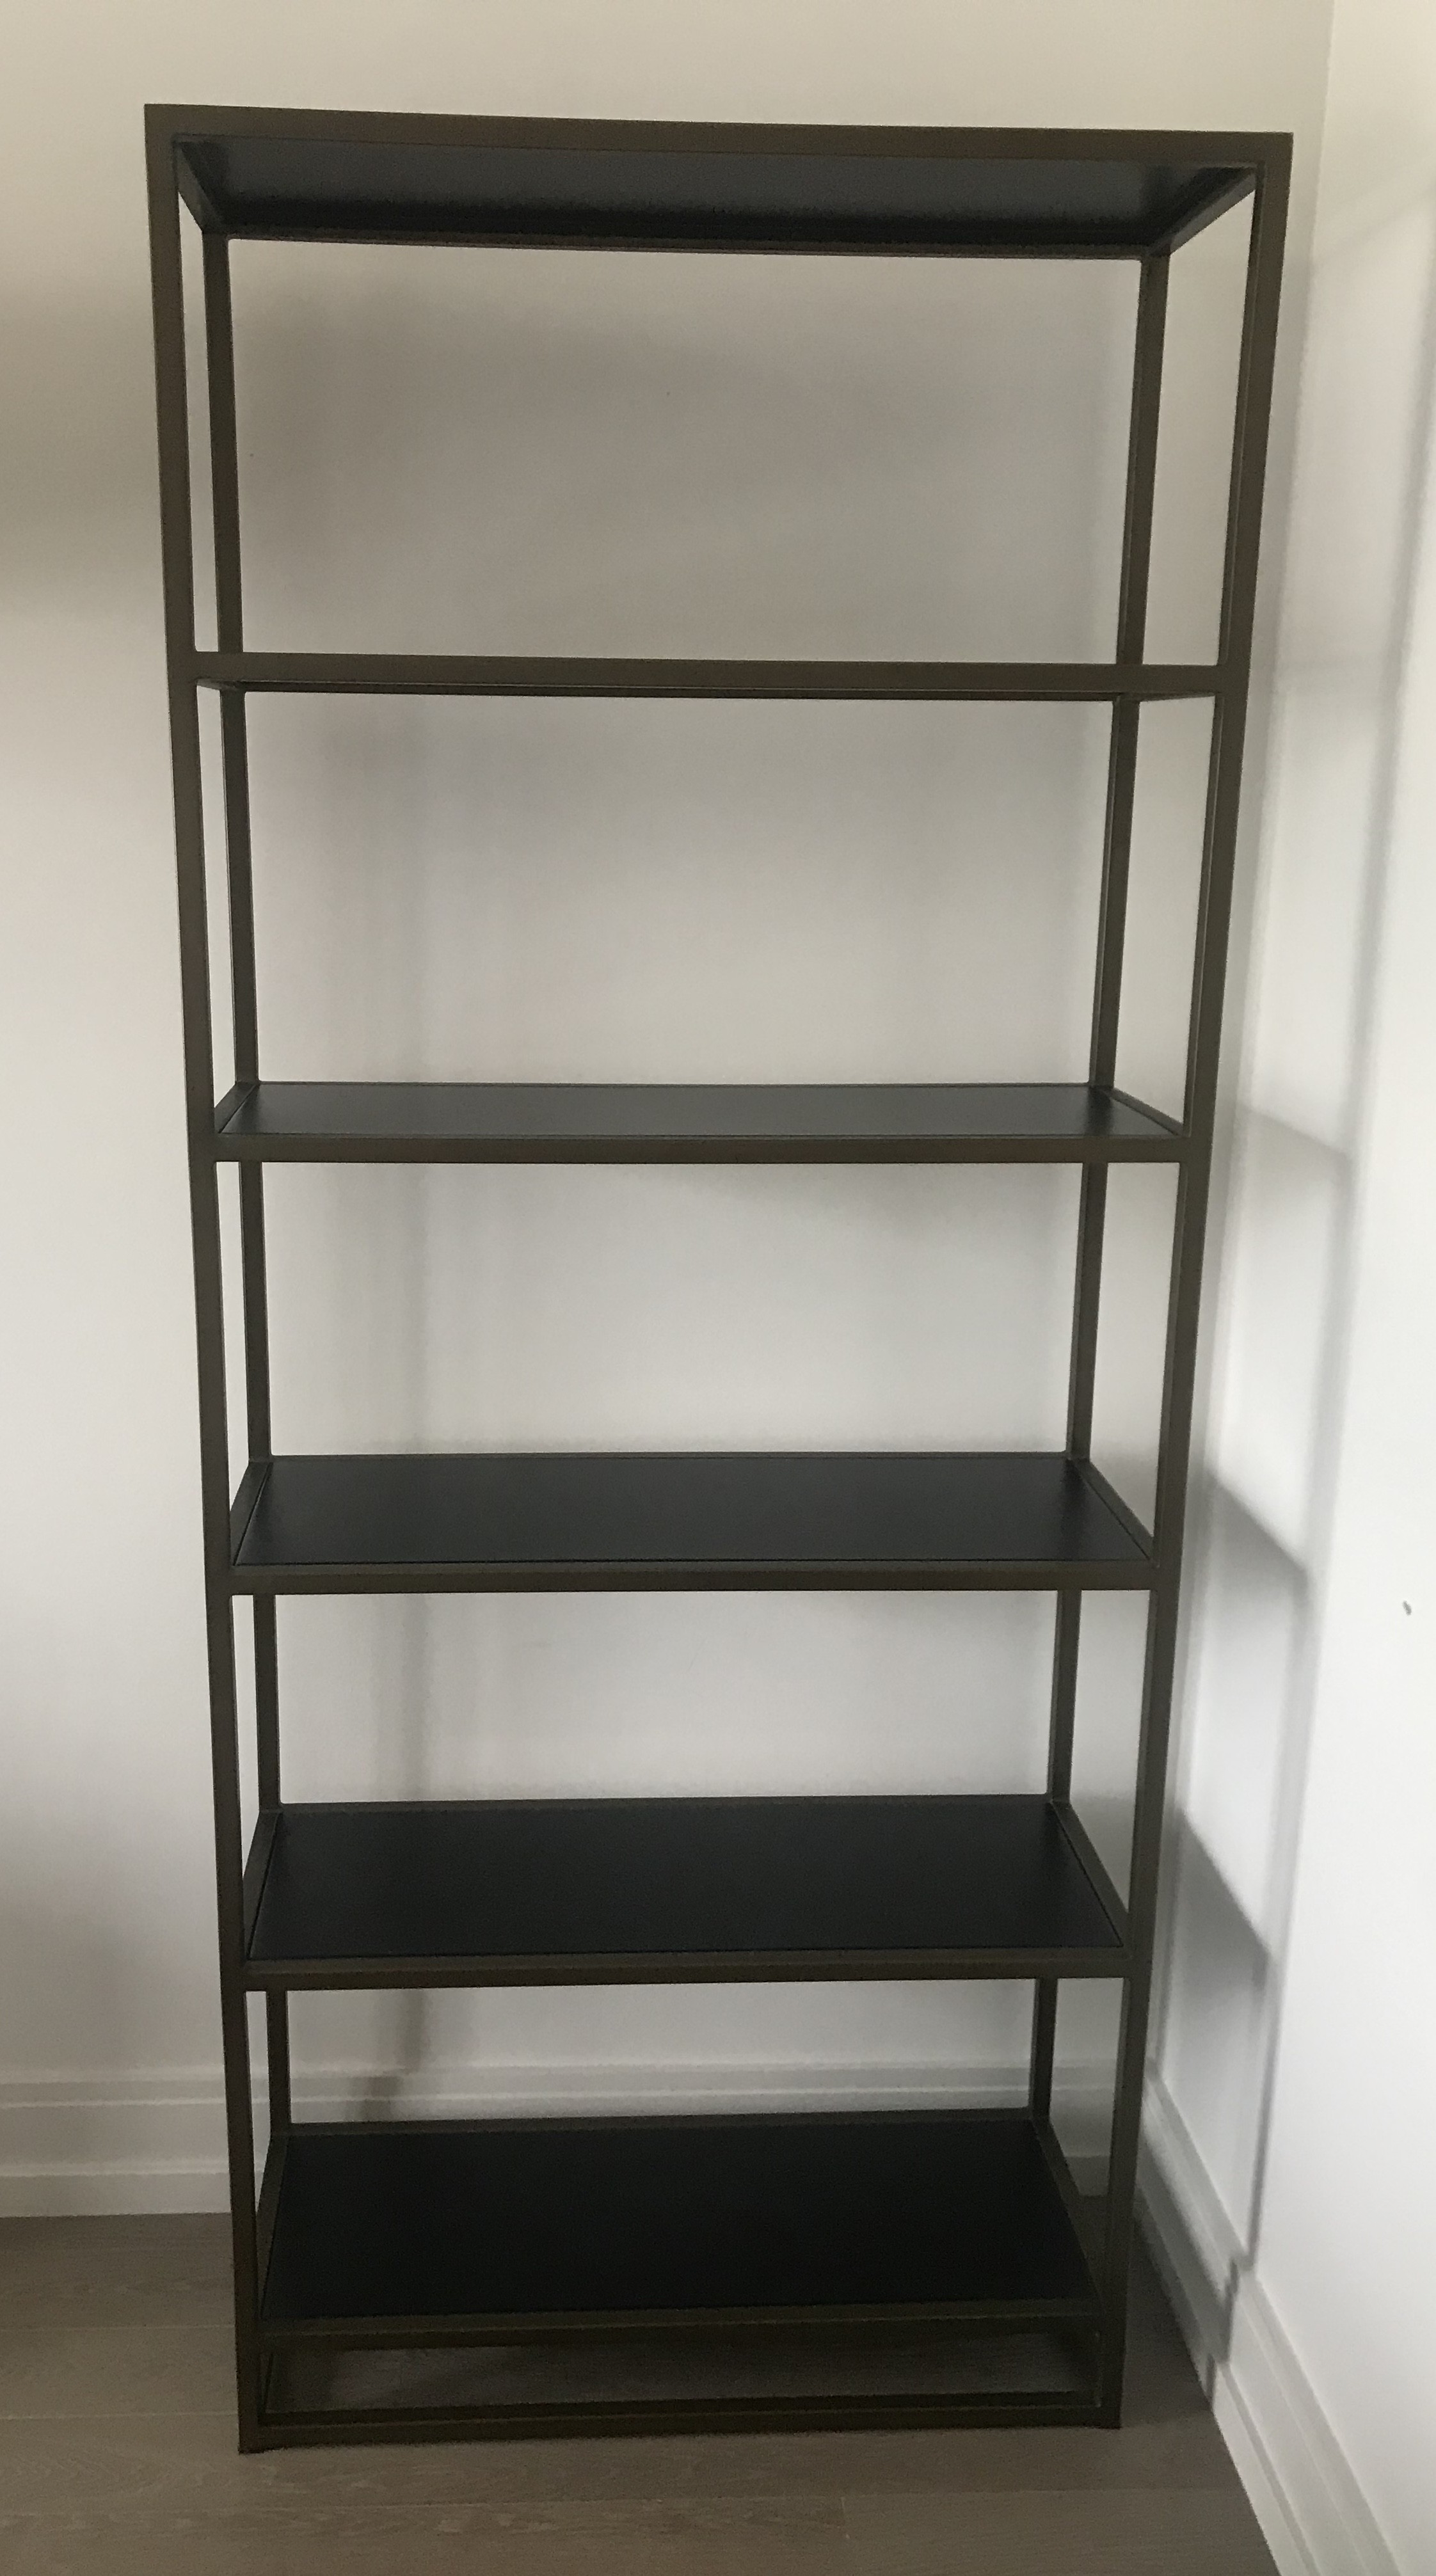 Crate & Barrel Remi Bookcase